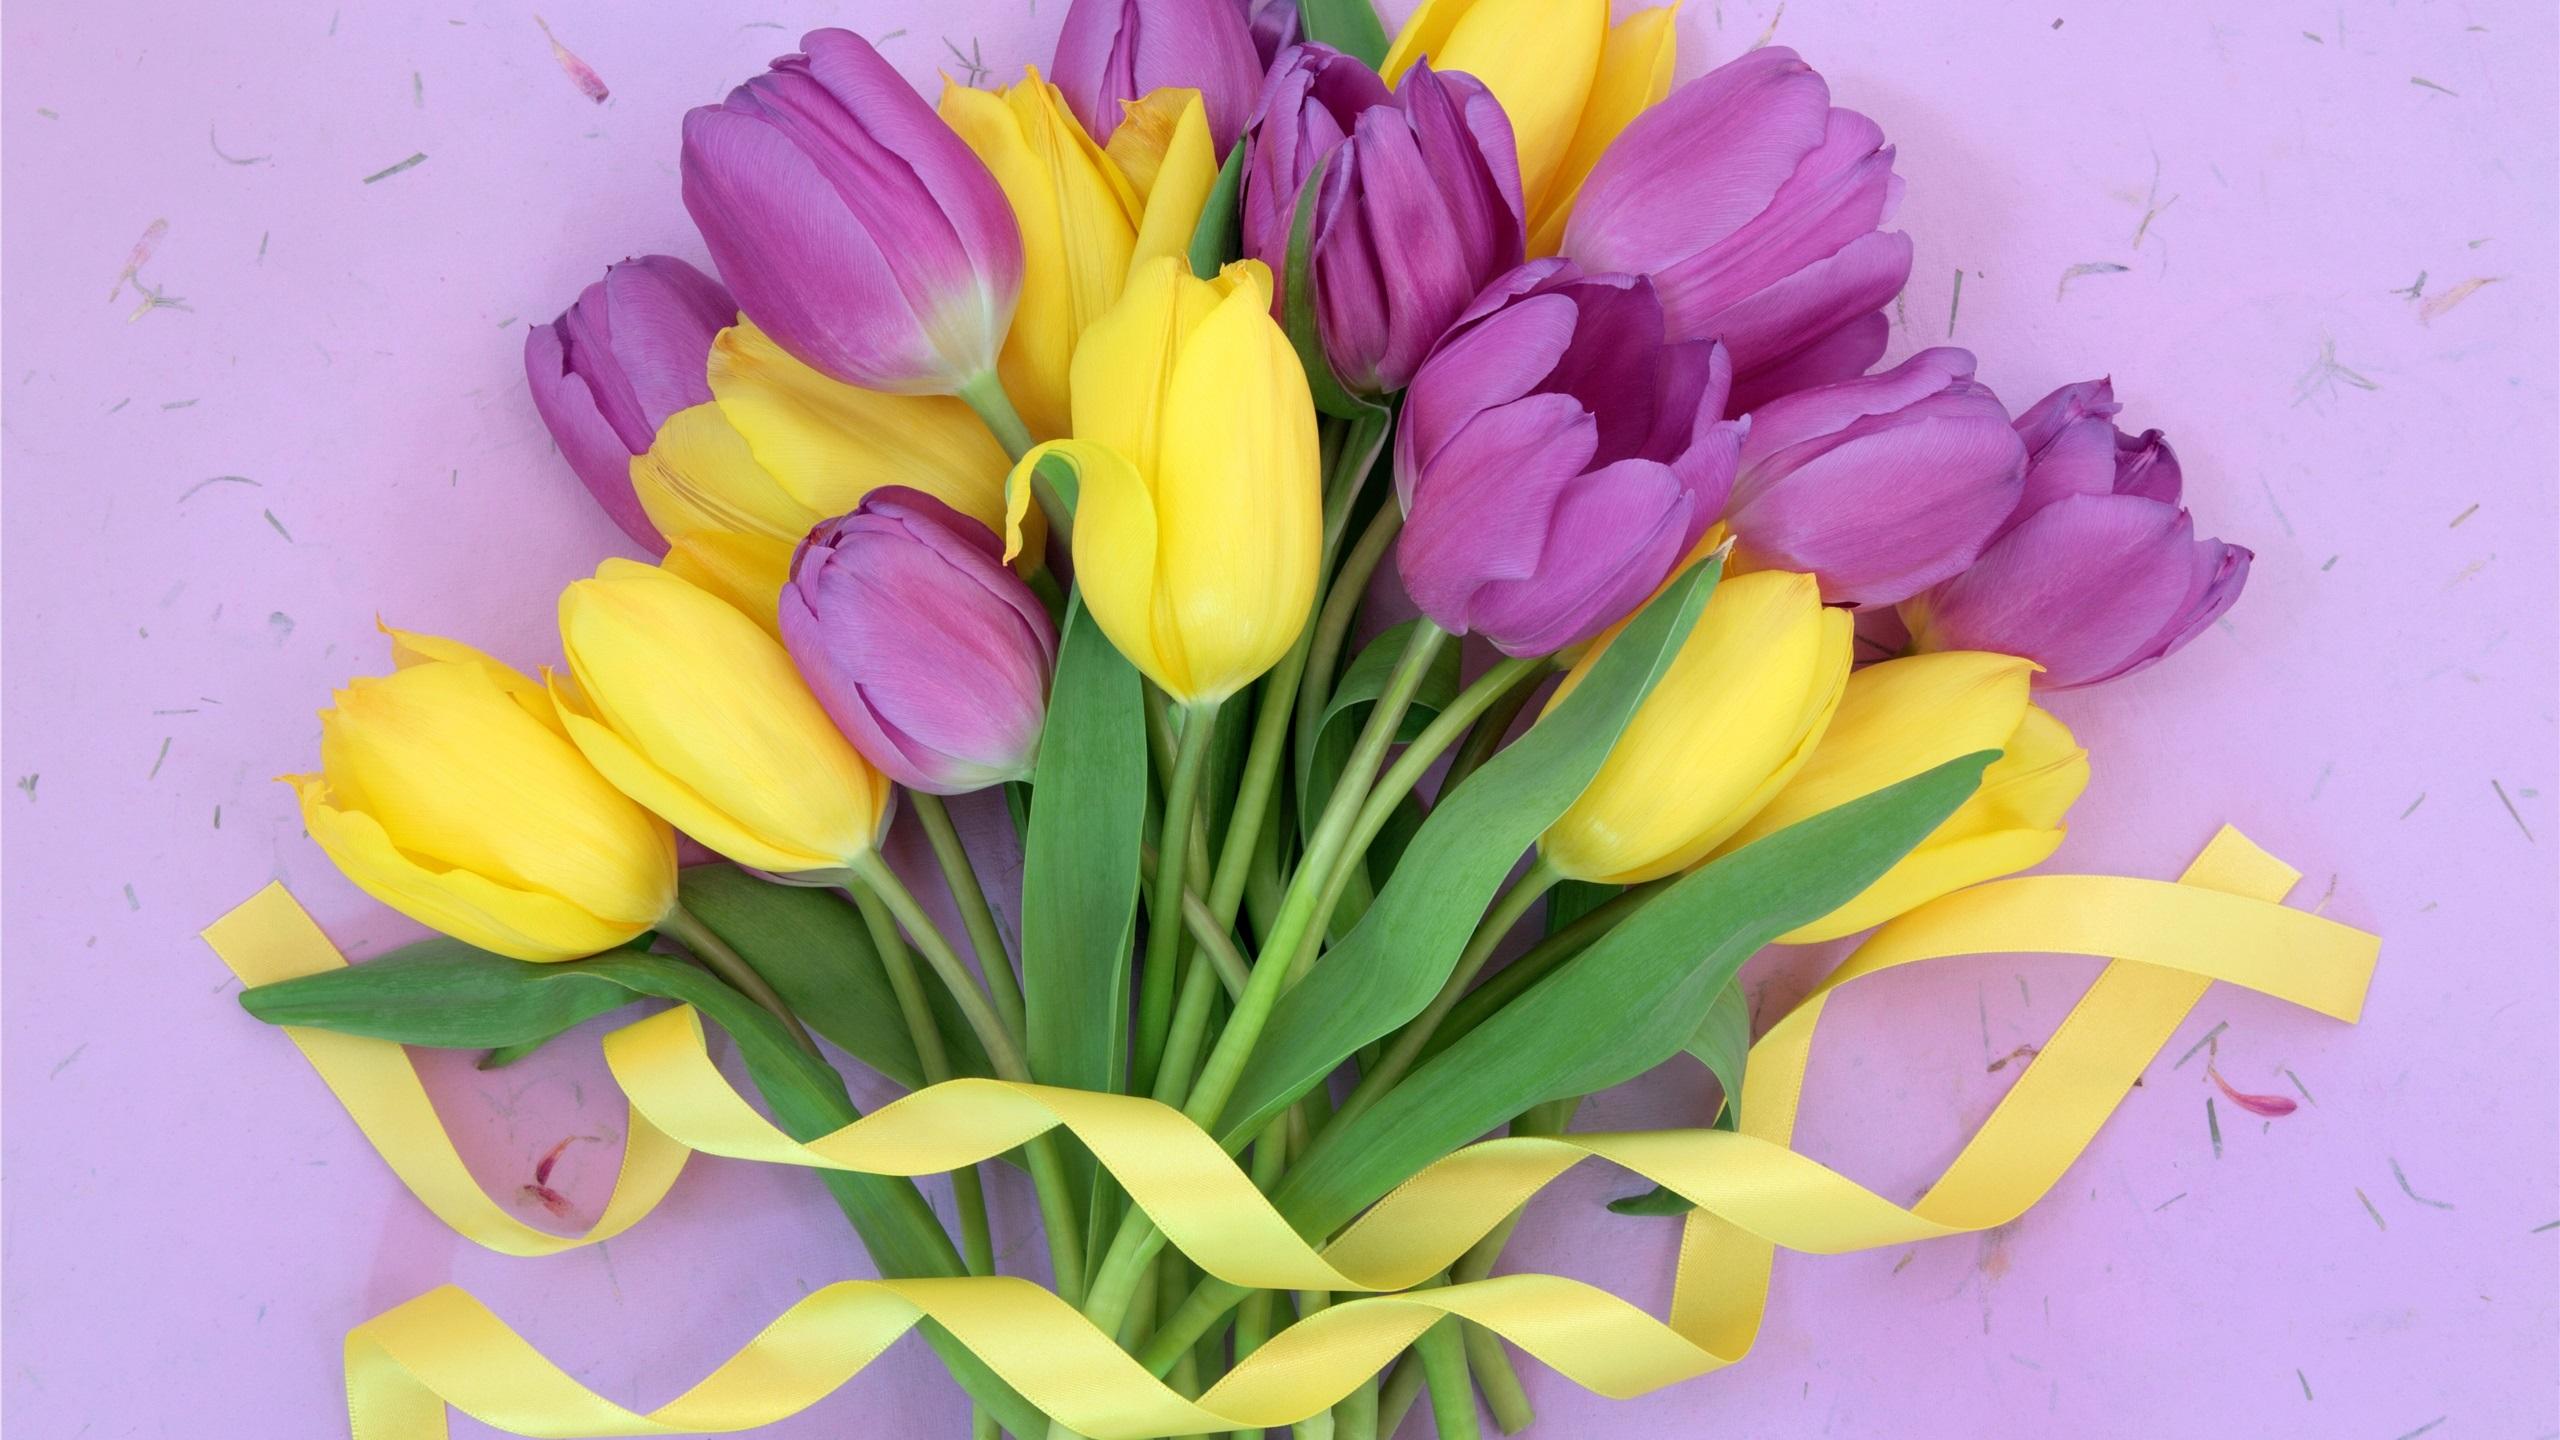 картинки на рабочий стол букеты тюльпанов тут главное разобрать